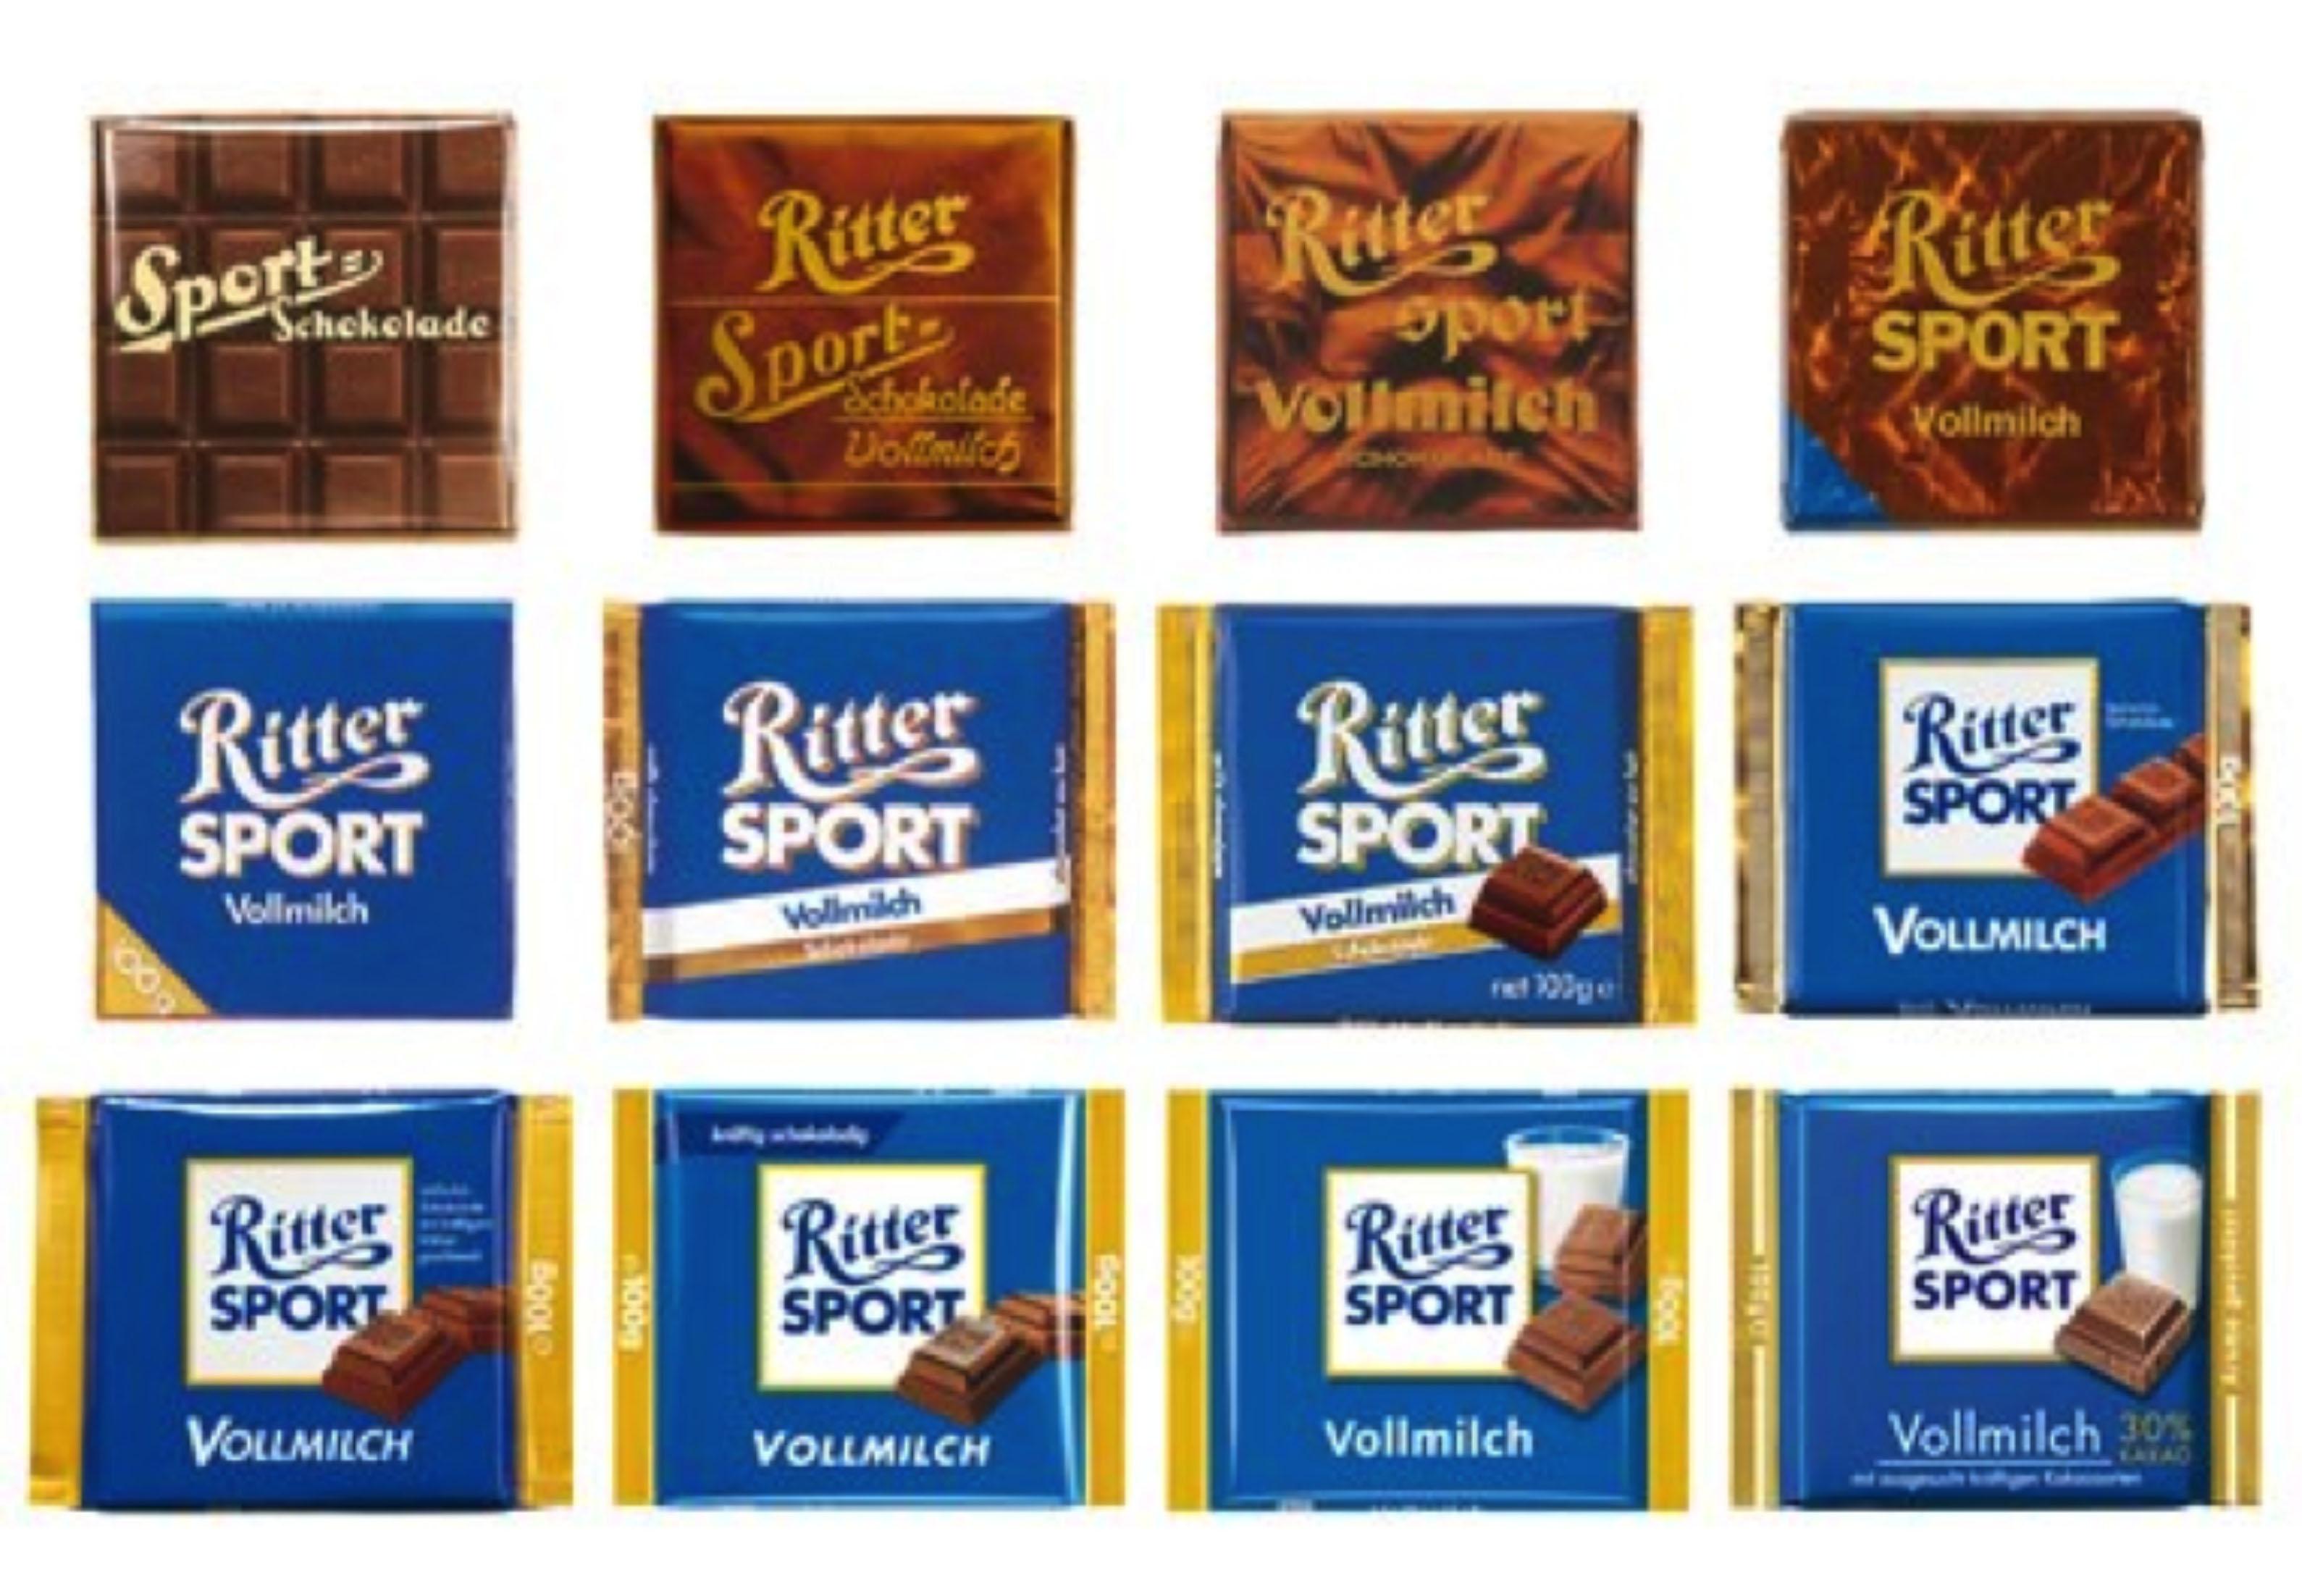 Evoluzione-packaging-Ritter